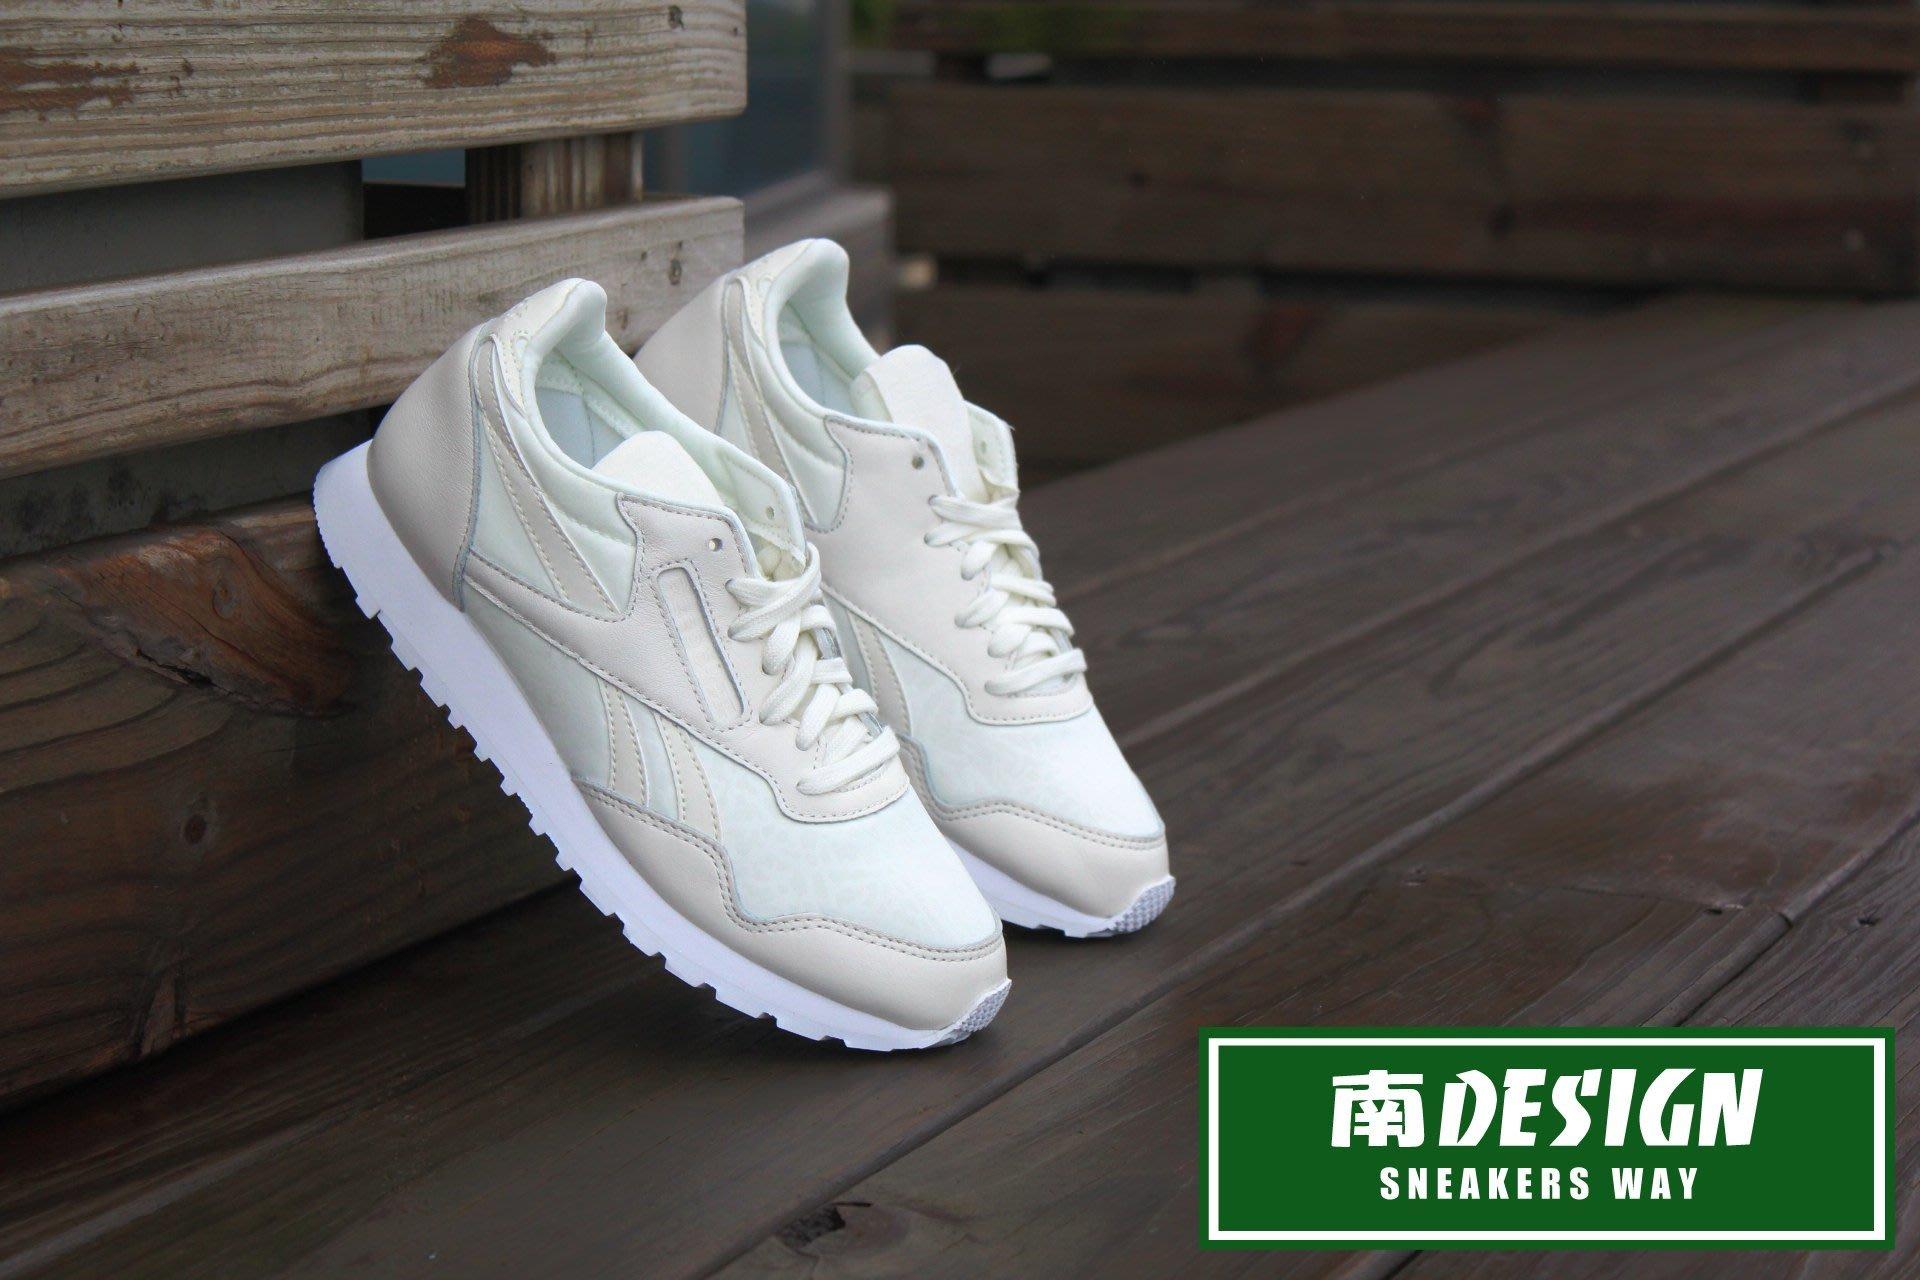 現南◇ REEBOK PARIS RUNNER GALLERY II 米白色 爆裂紋 V68465 牛奶糖 女鞋 韓系